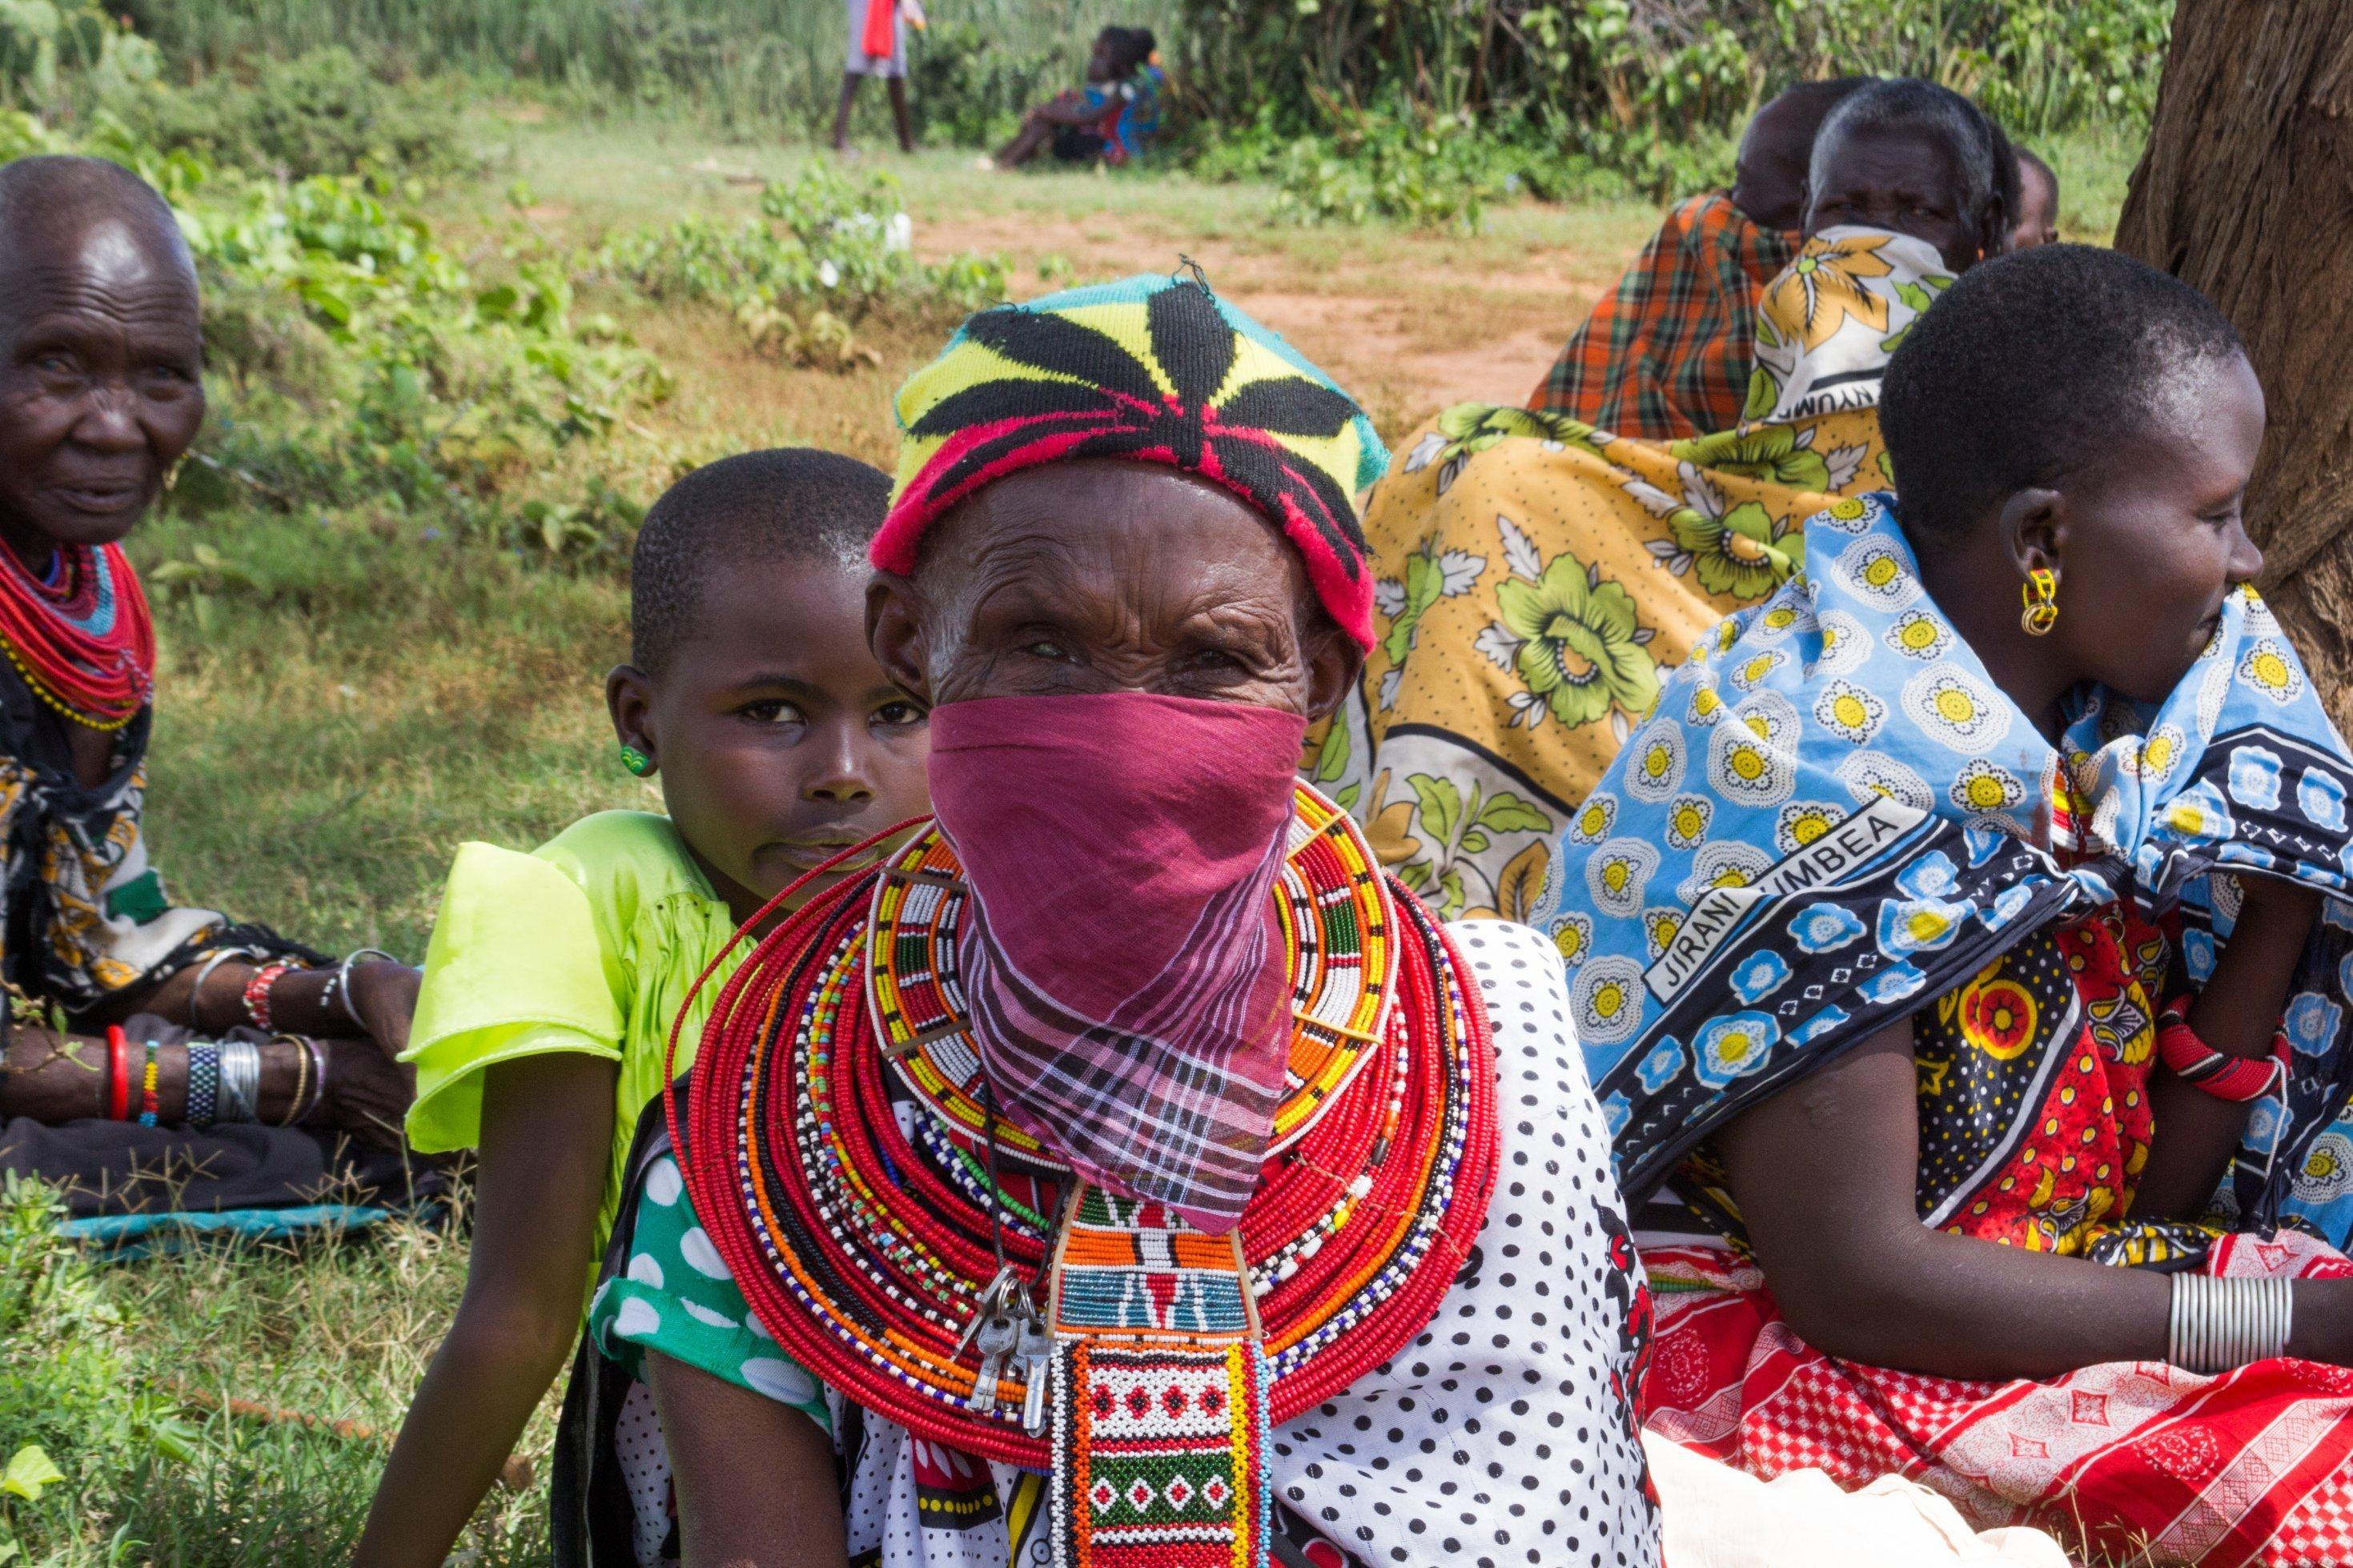 Einige Maasai-Frauen tragen mit Gesichtsmasken. Im Bild ist eine, die zu einer violetten Gesichtsmaske ein Kopftuch mit einer Cannabis-Pflanze trägt. Bisher gab es in der Region noch keine bekannten Infektionsfälle.